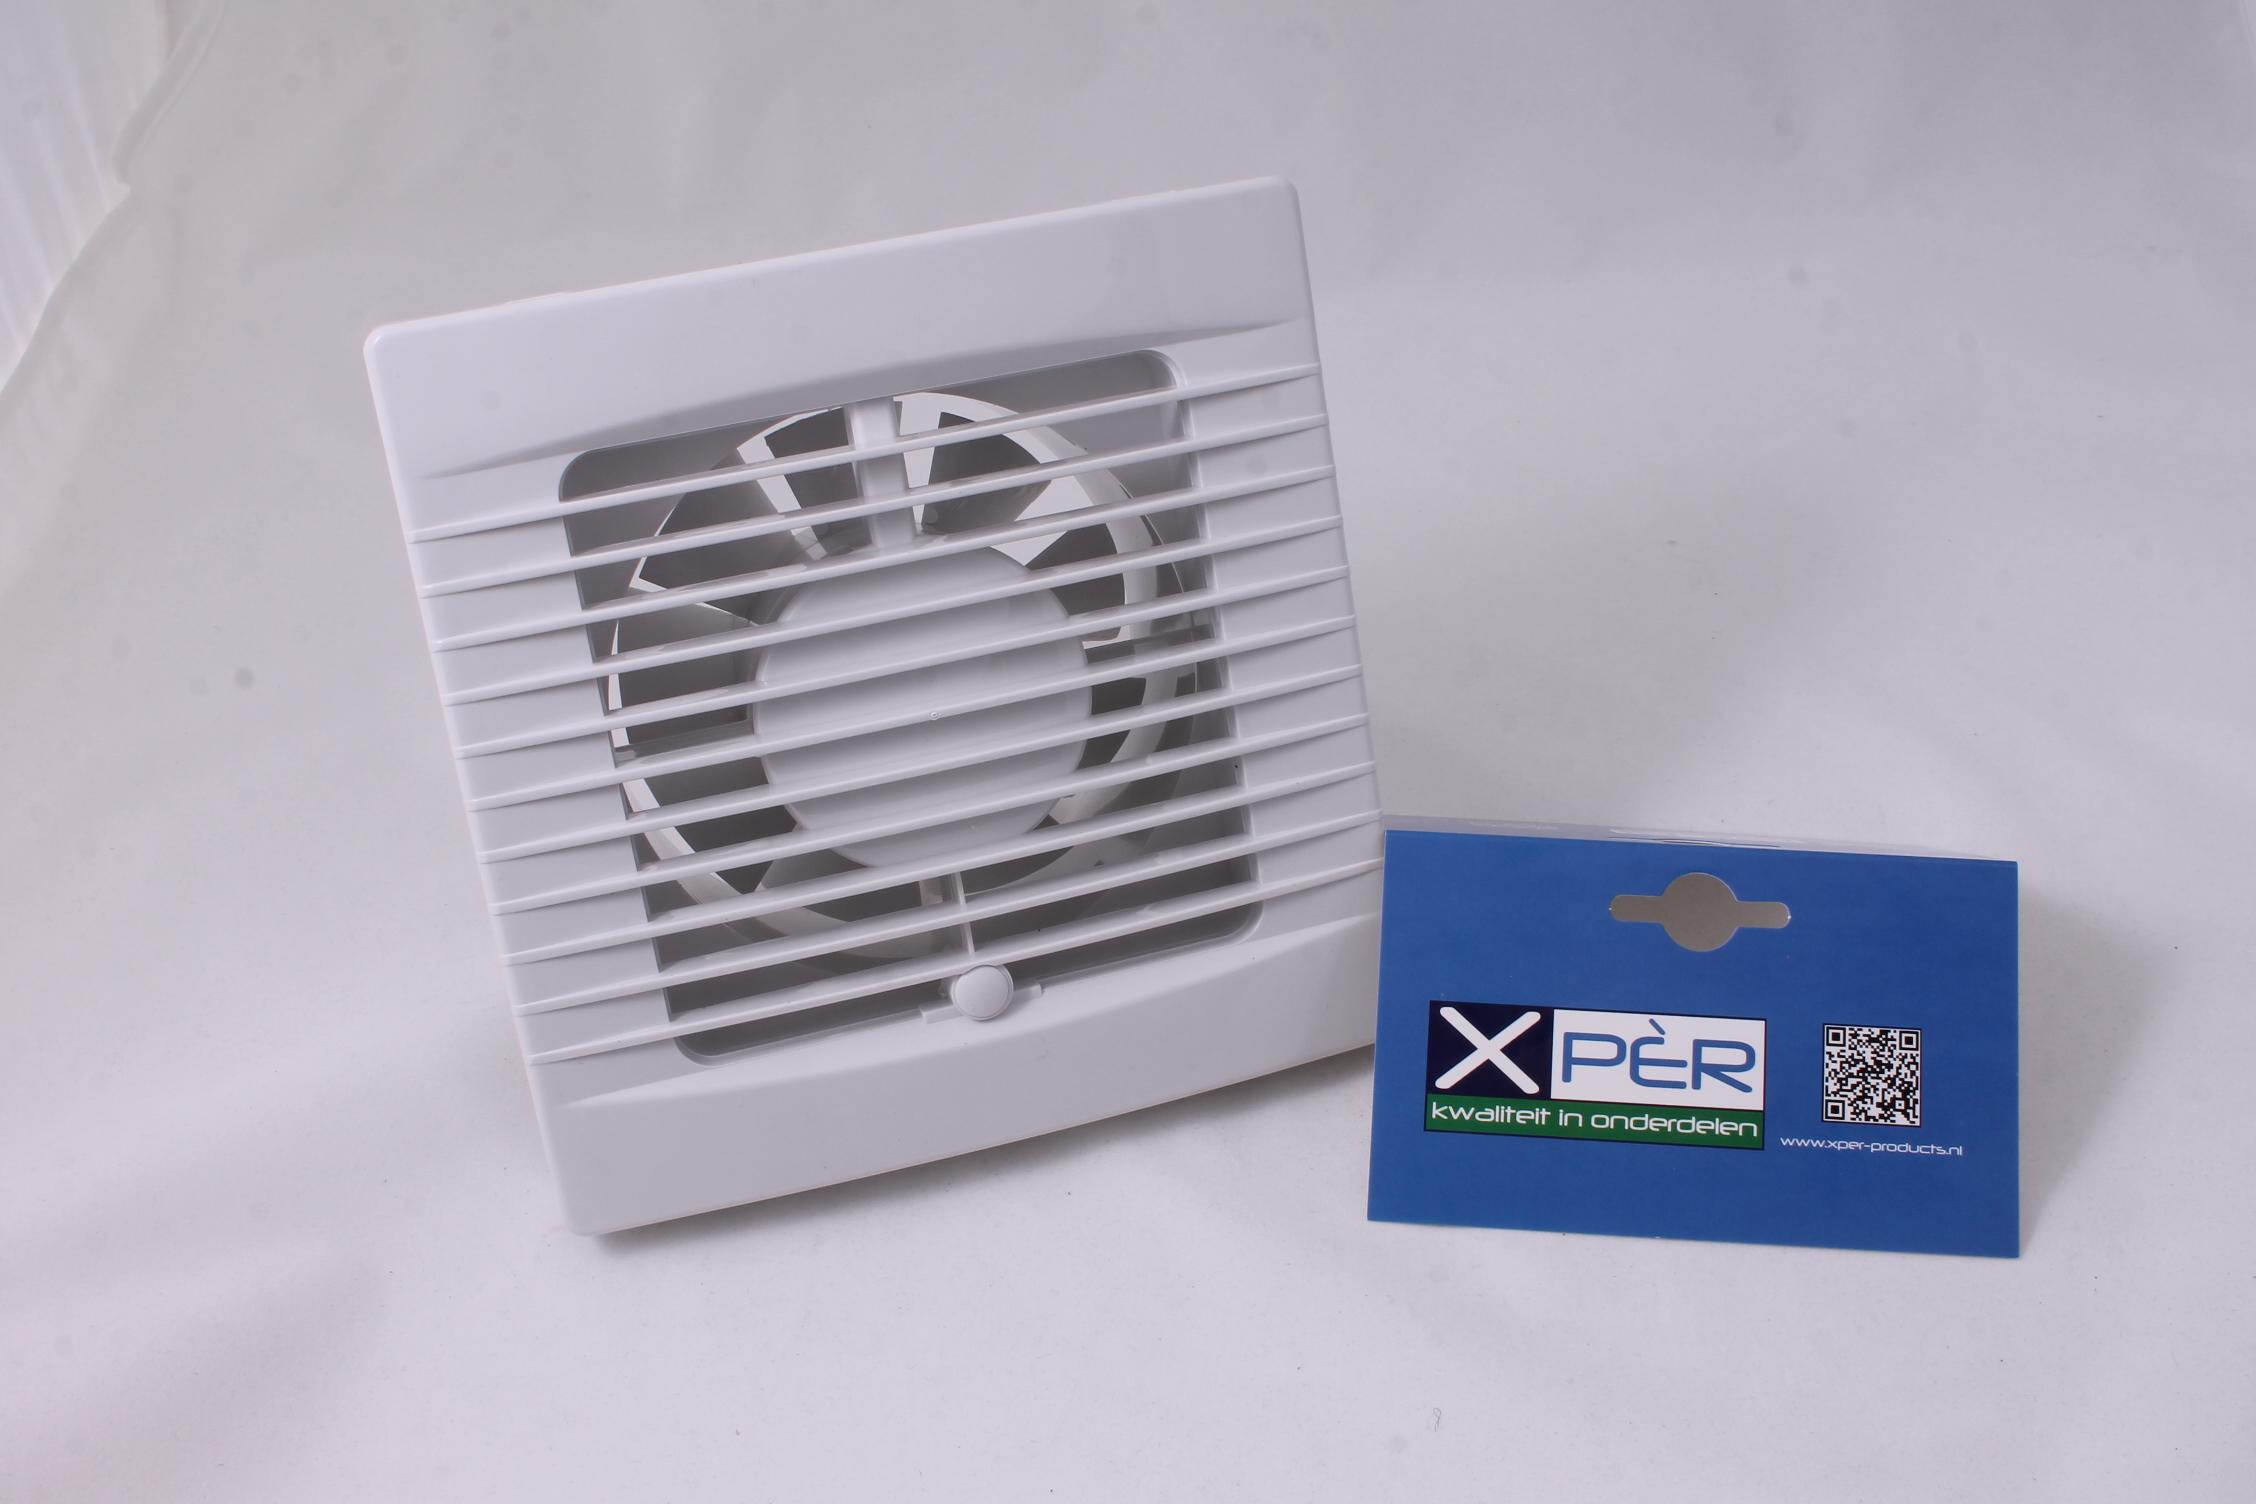 Badkamer Ventilatie Box : Xper products u zos badkamer ventilator a